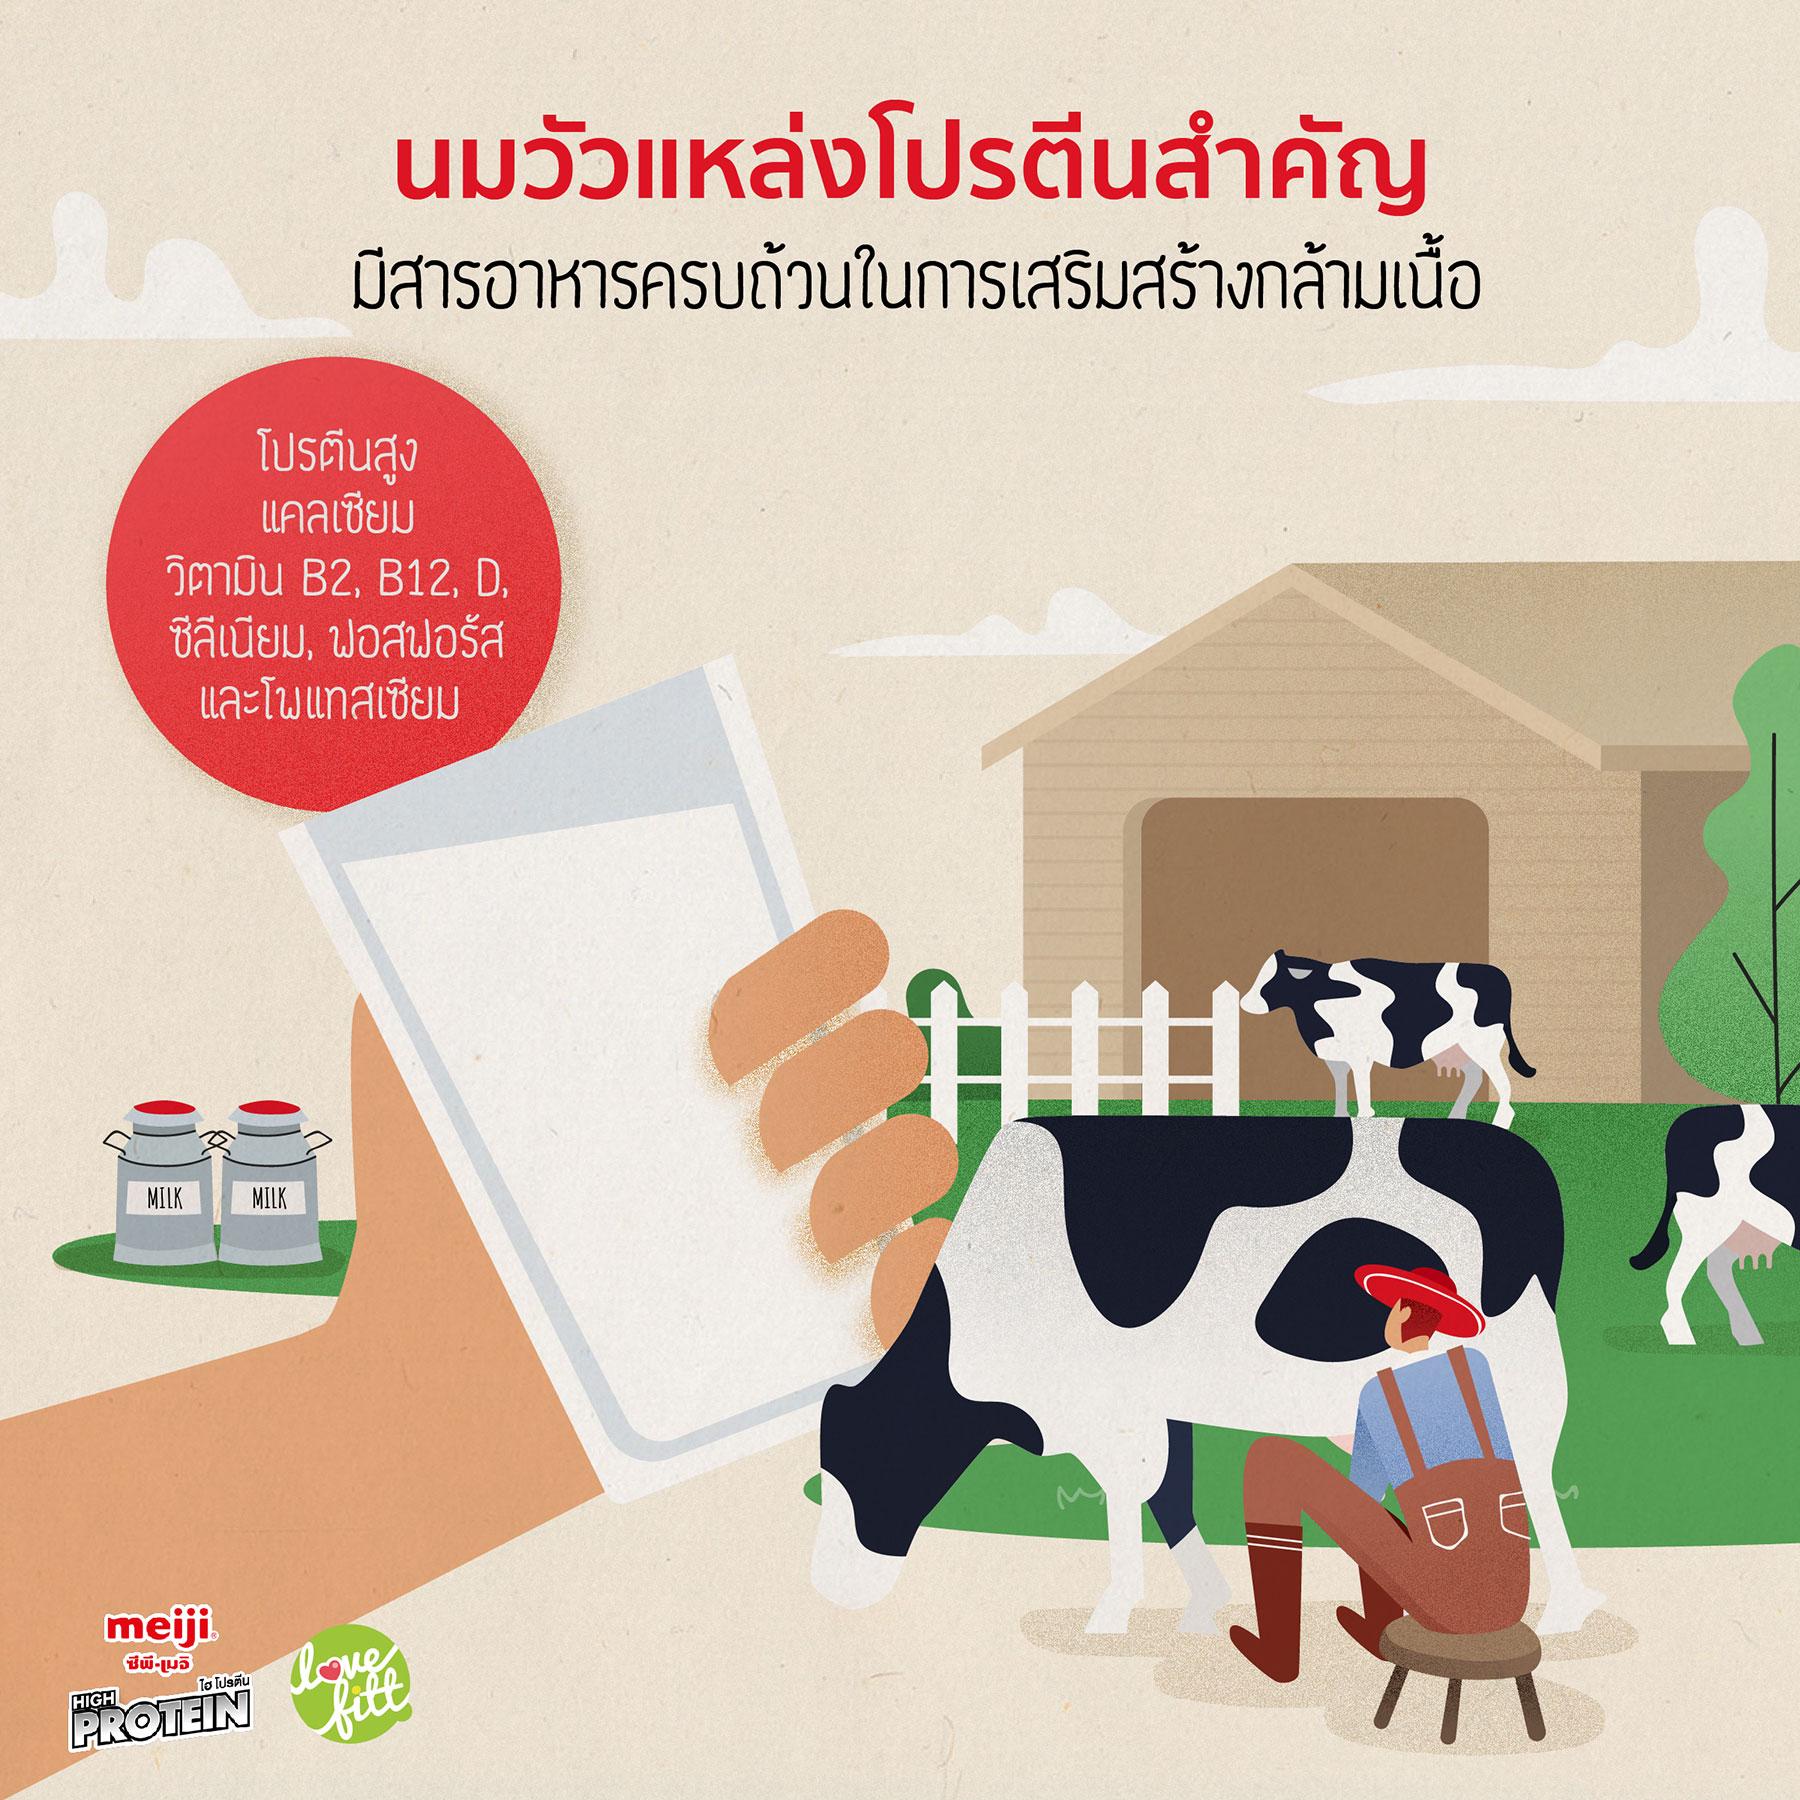 นมวัวแหล่งโปรตีนสำคัญ